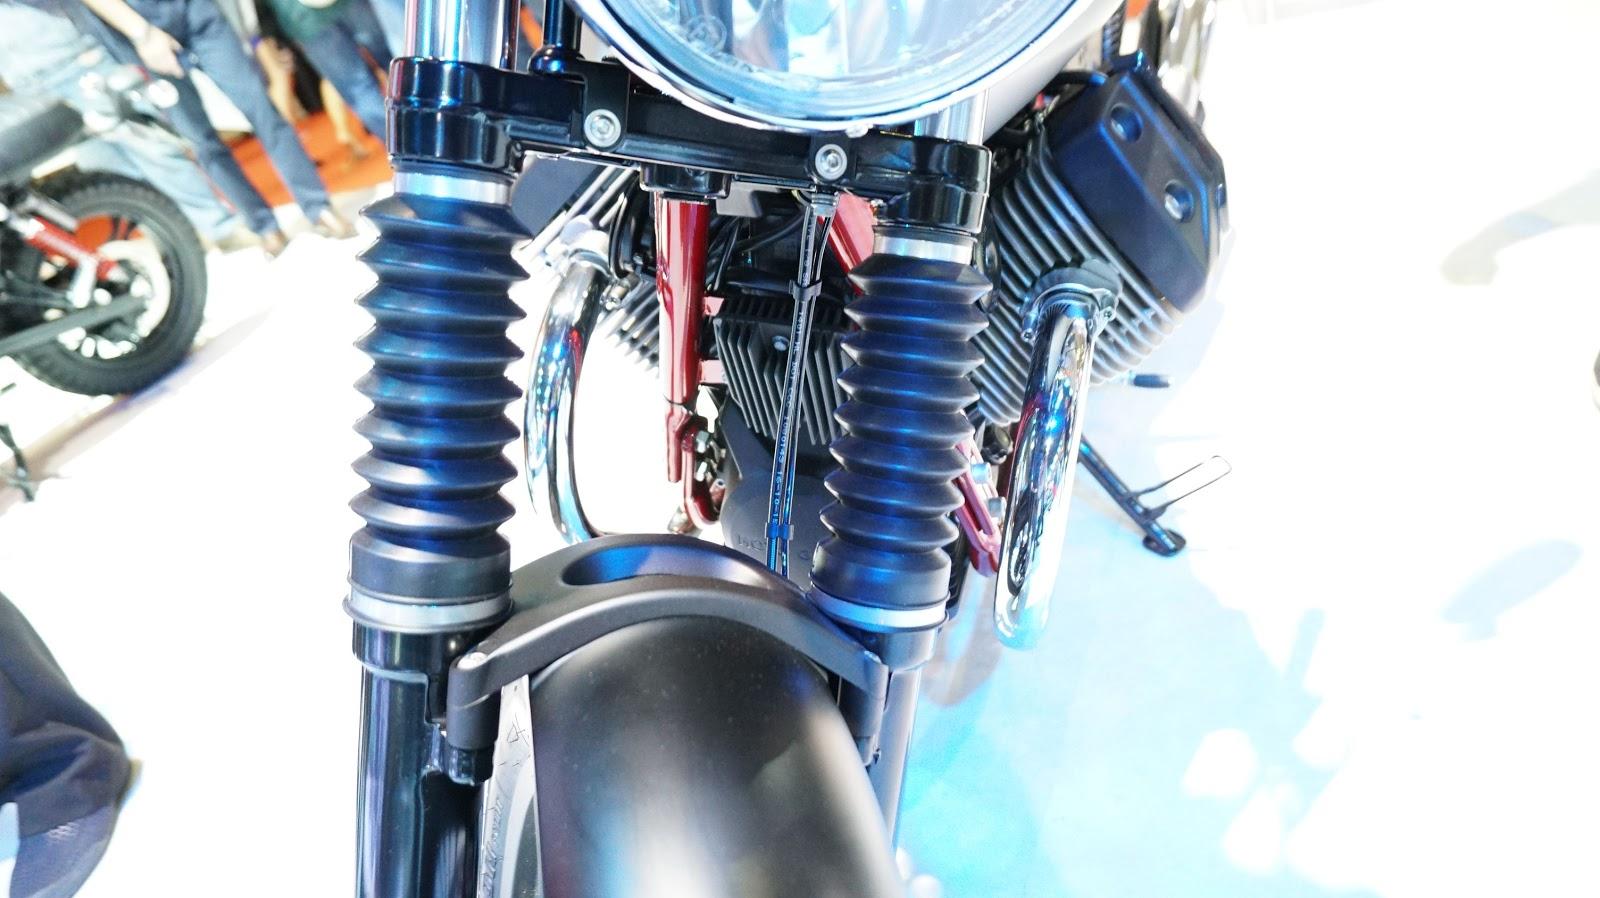 Hệ thống giảm sóc giảm chấn thủy lực của Moto Guzzi V7 II giúp xe hoạt động cực kỳ êm ái